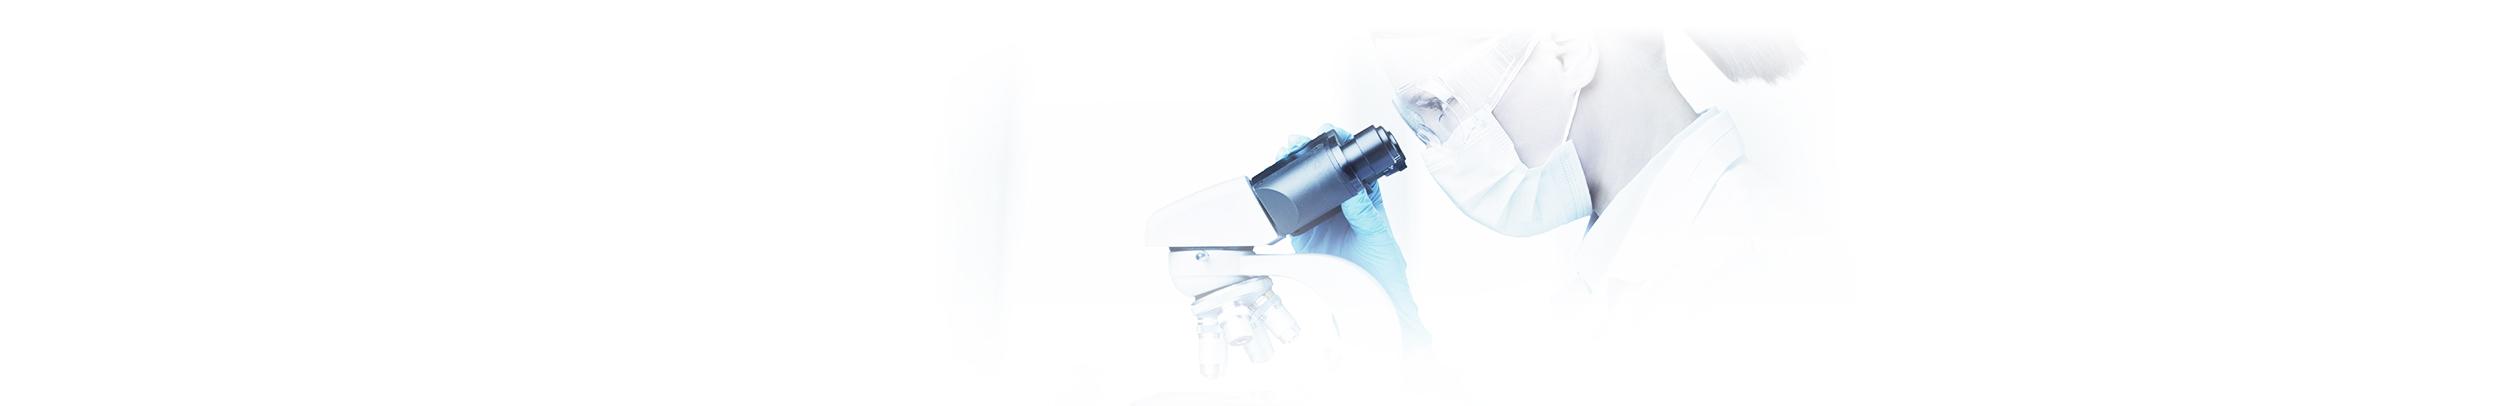 manutenção de microscópio e calibração de micropipetas